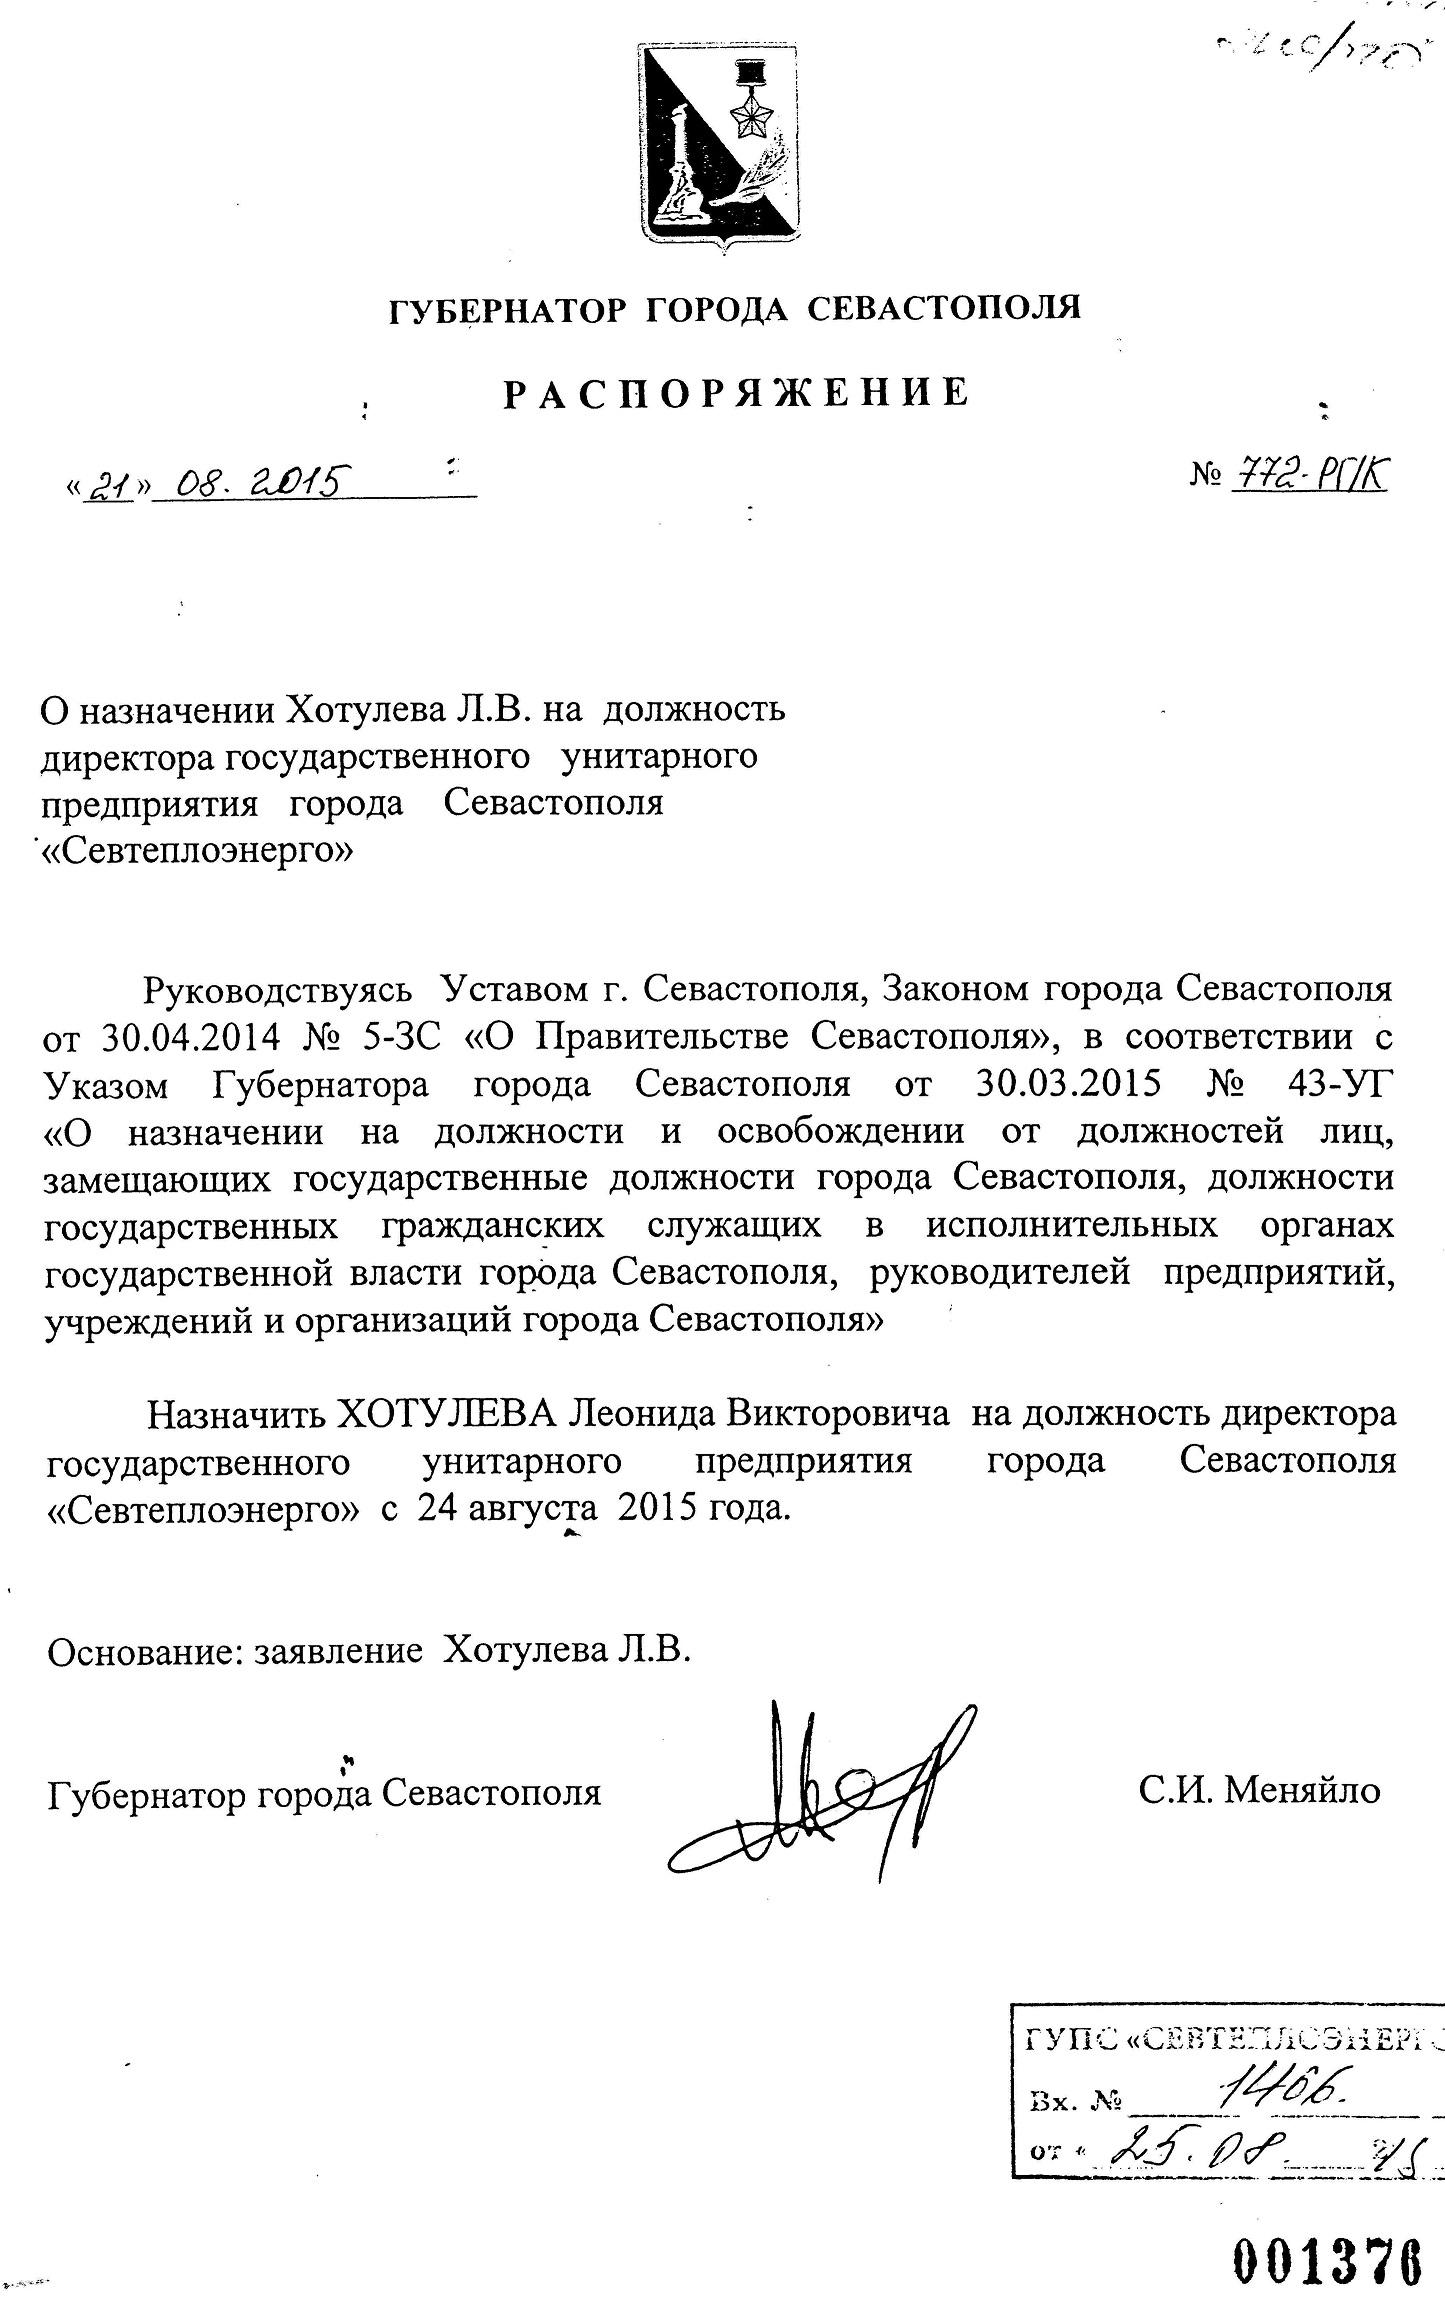 Хотулев Л.В. назначен директором ГУПС «Севтеплоэнерго»